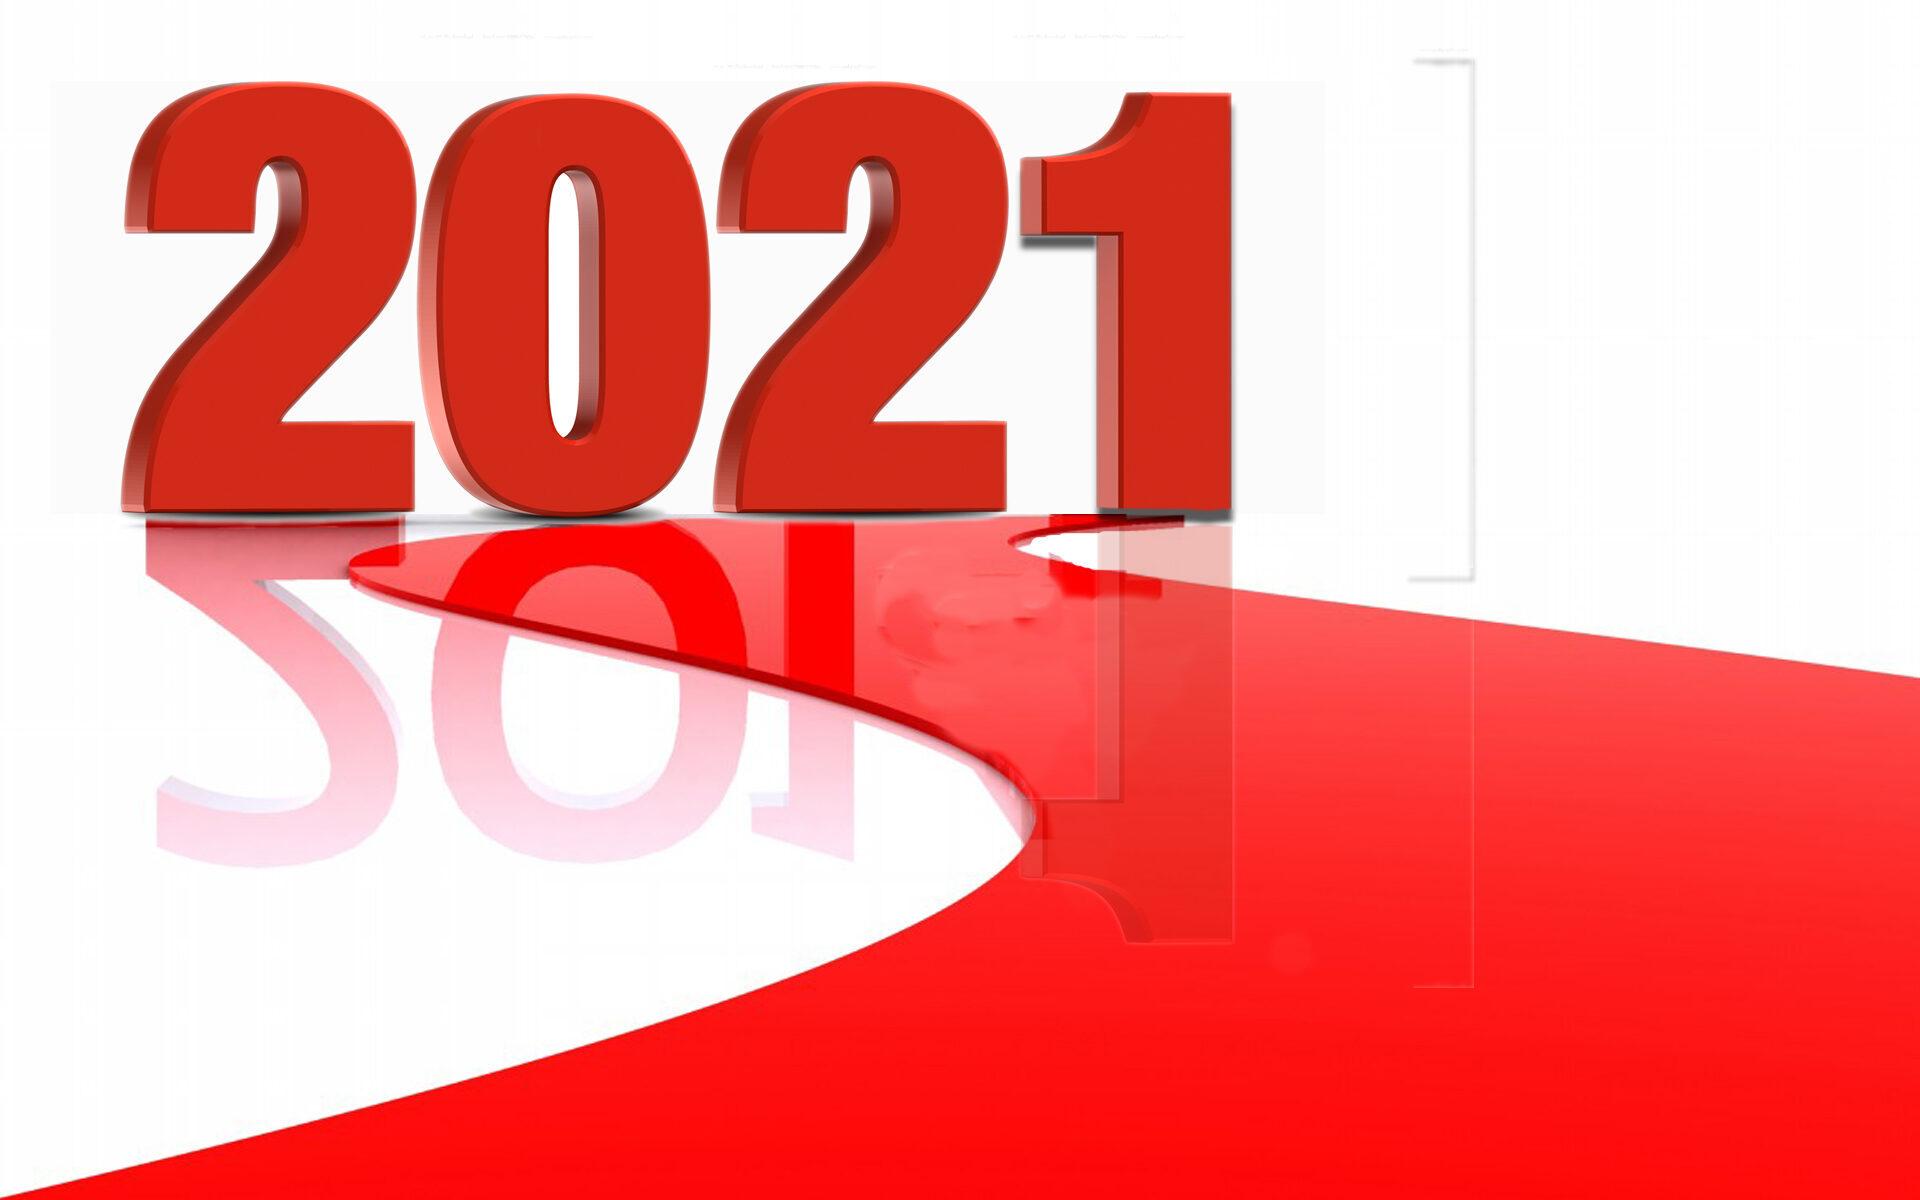 -2021.jpg